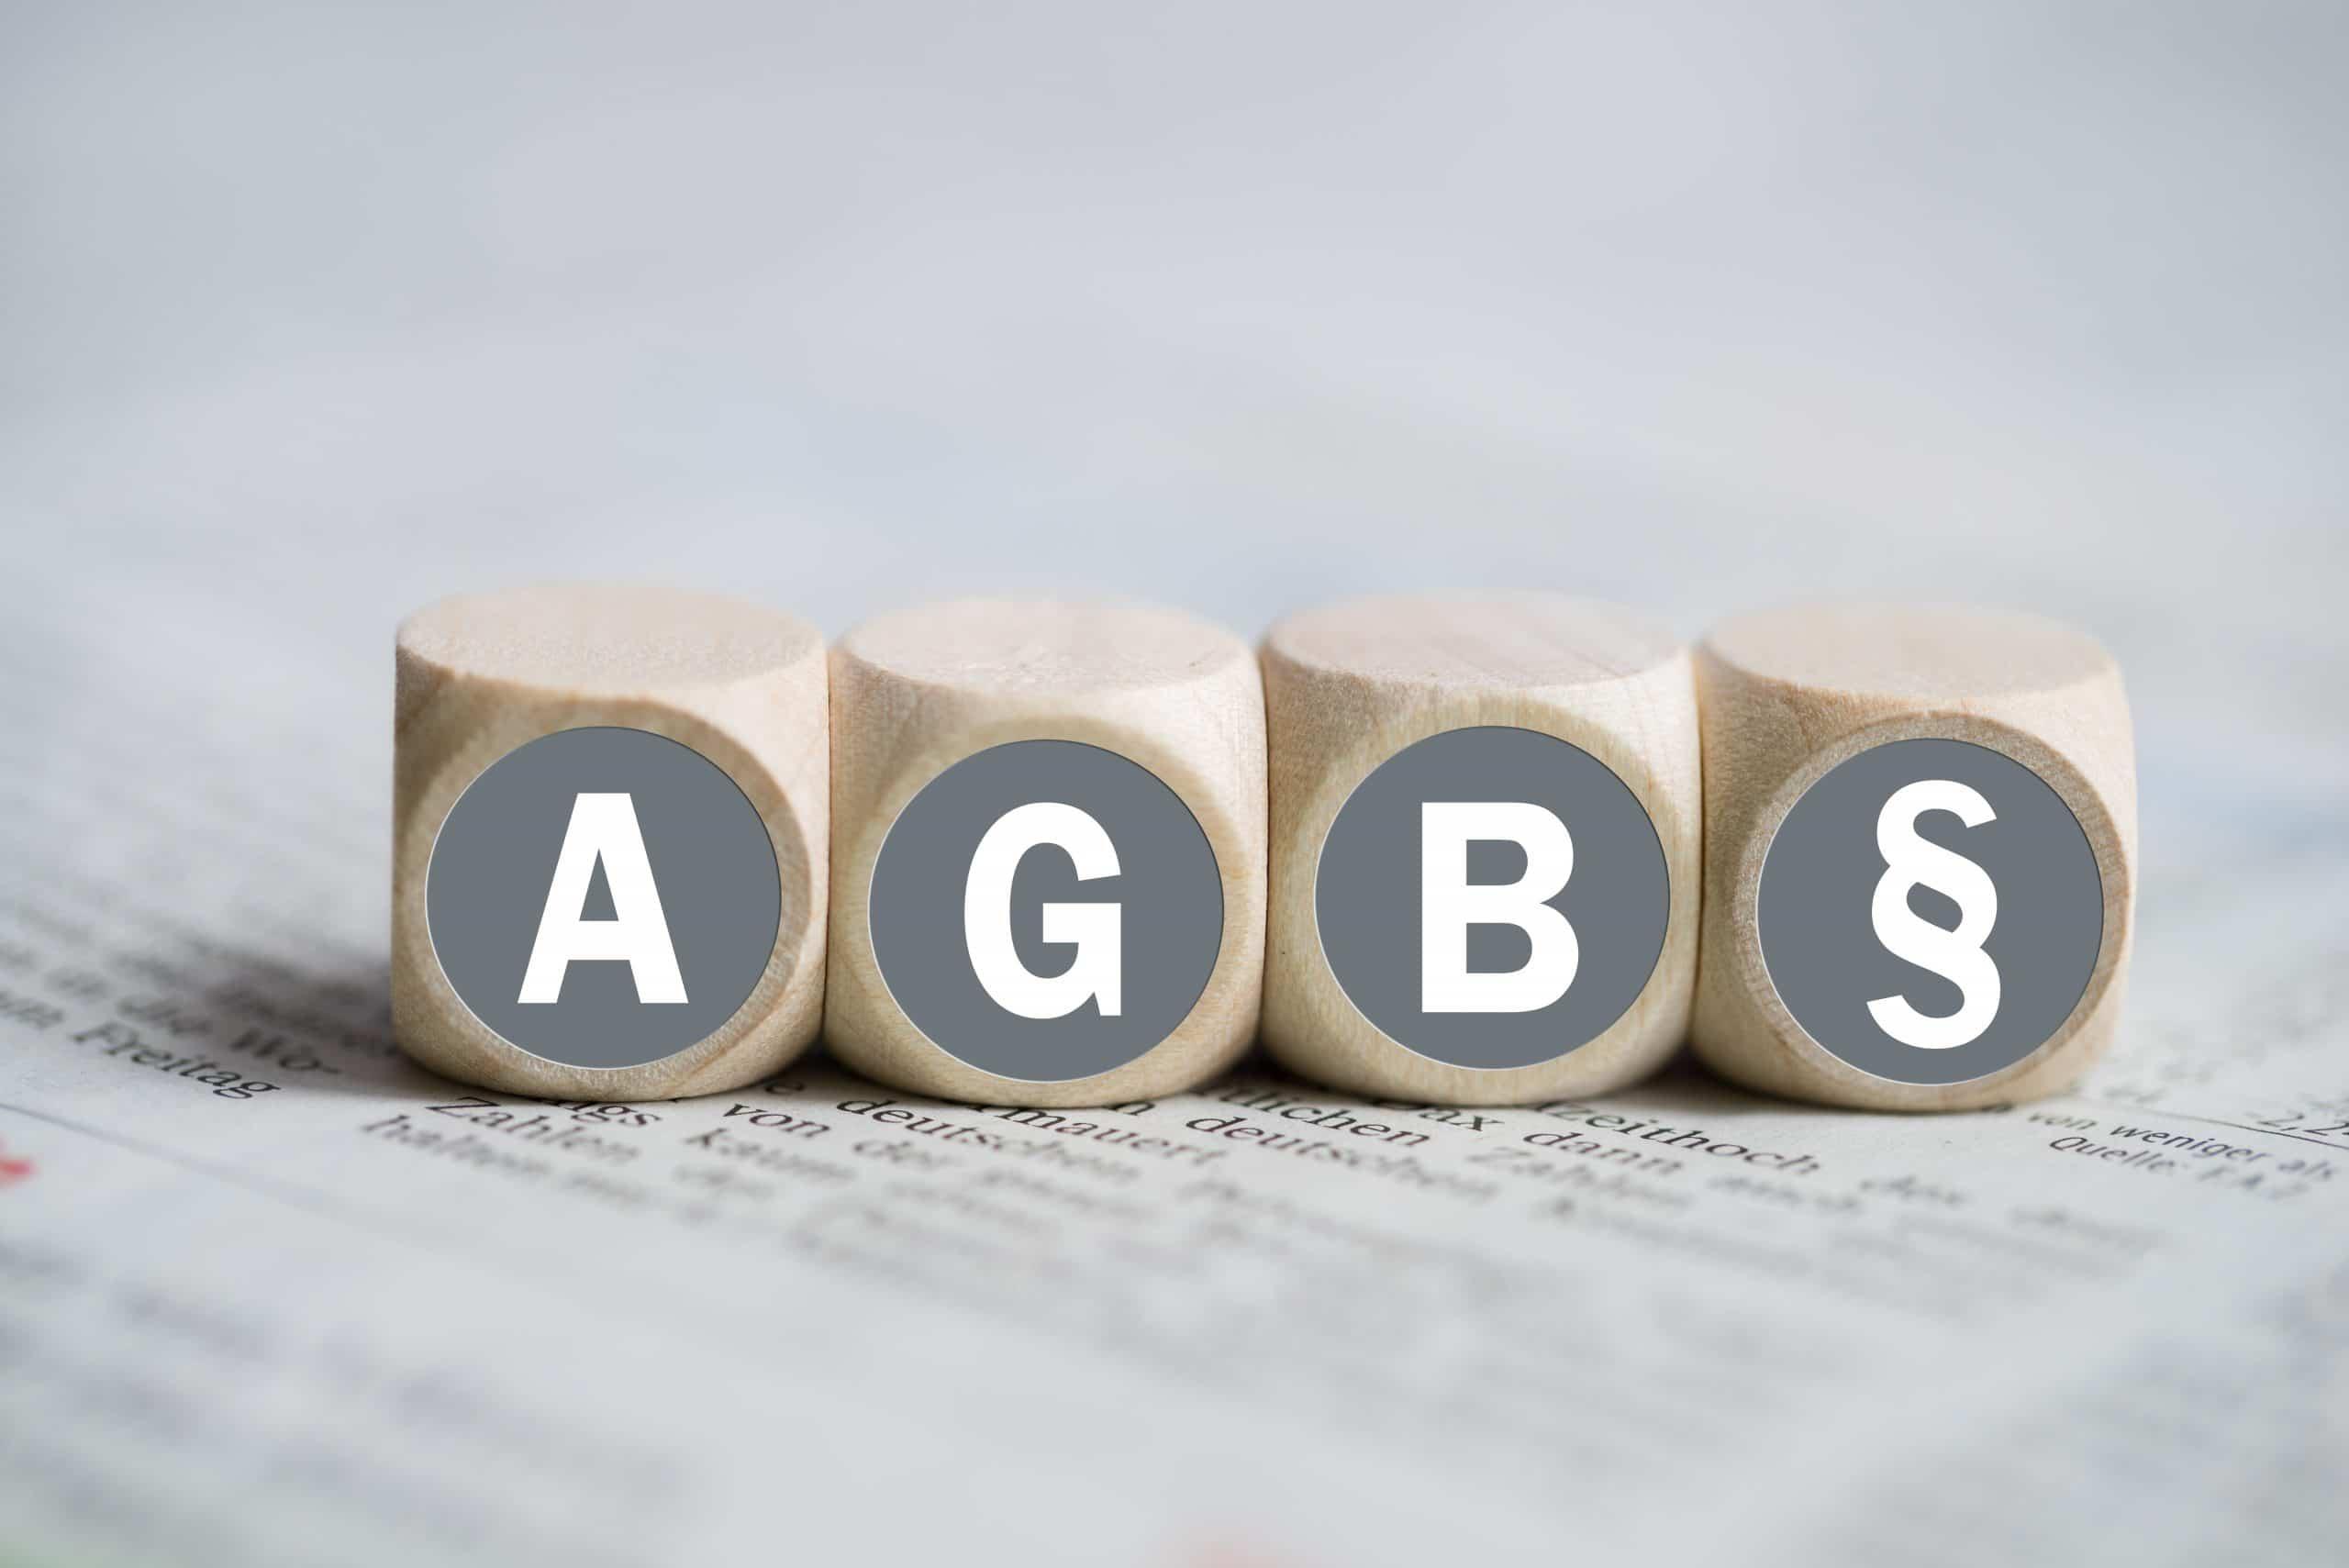 AGB, das stillschweigende Abkommen mit dem Kunden